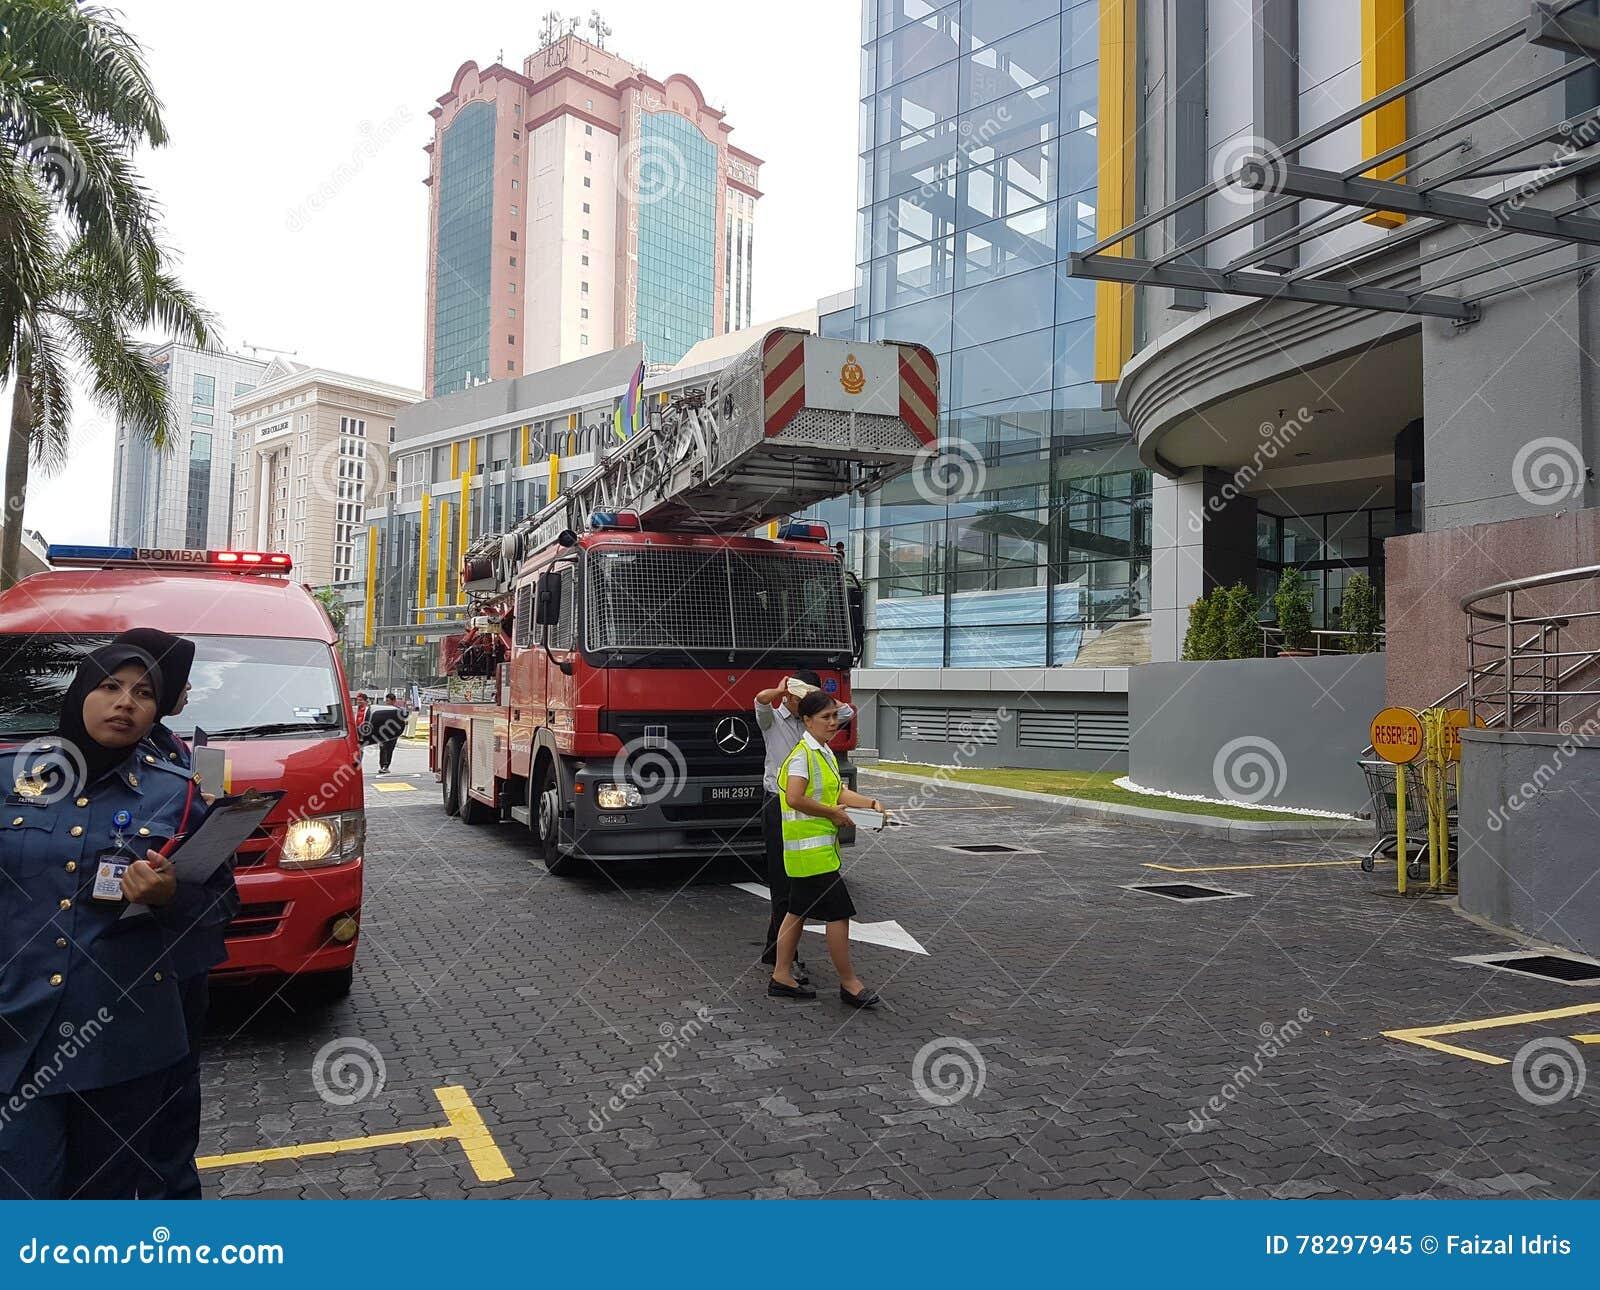 5 octobre 2016 Subang Jaya, Malaisie L exercice d exercice contre l incendie à l hôtel Subang USJ de sommet a été fait ce matin